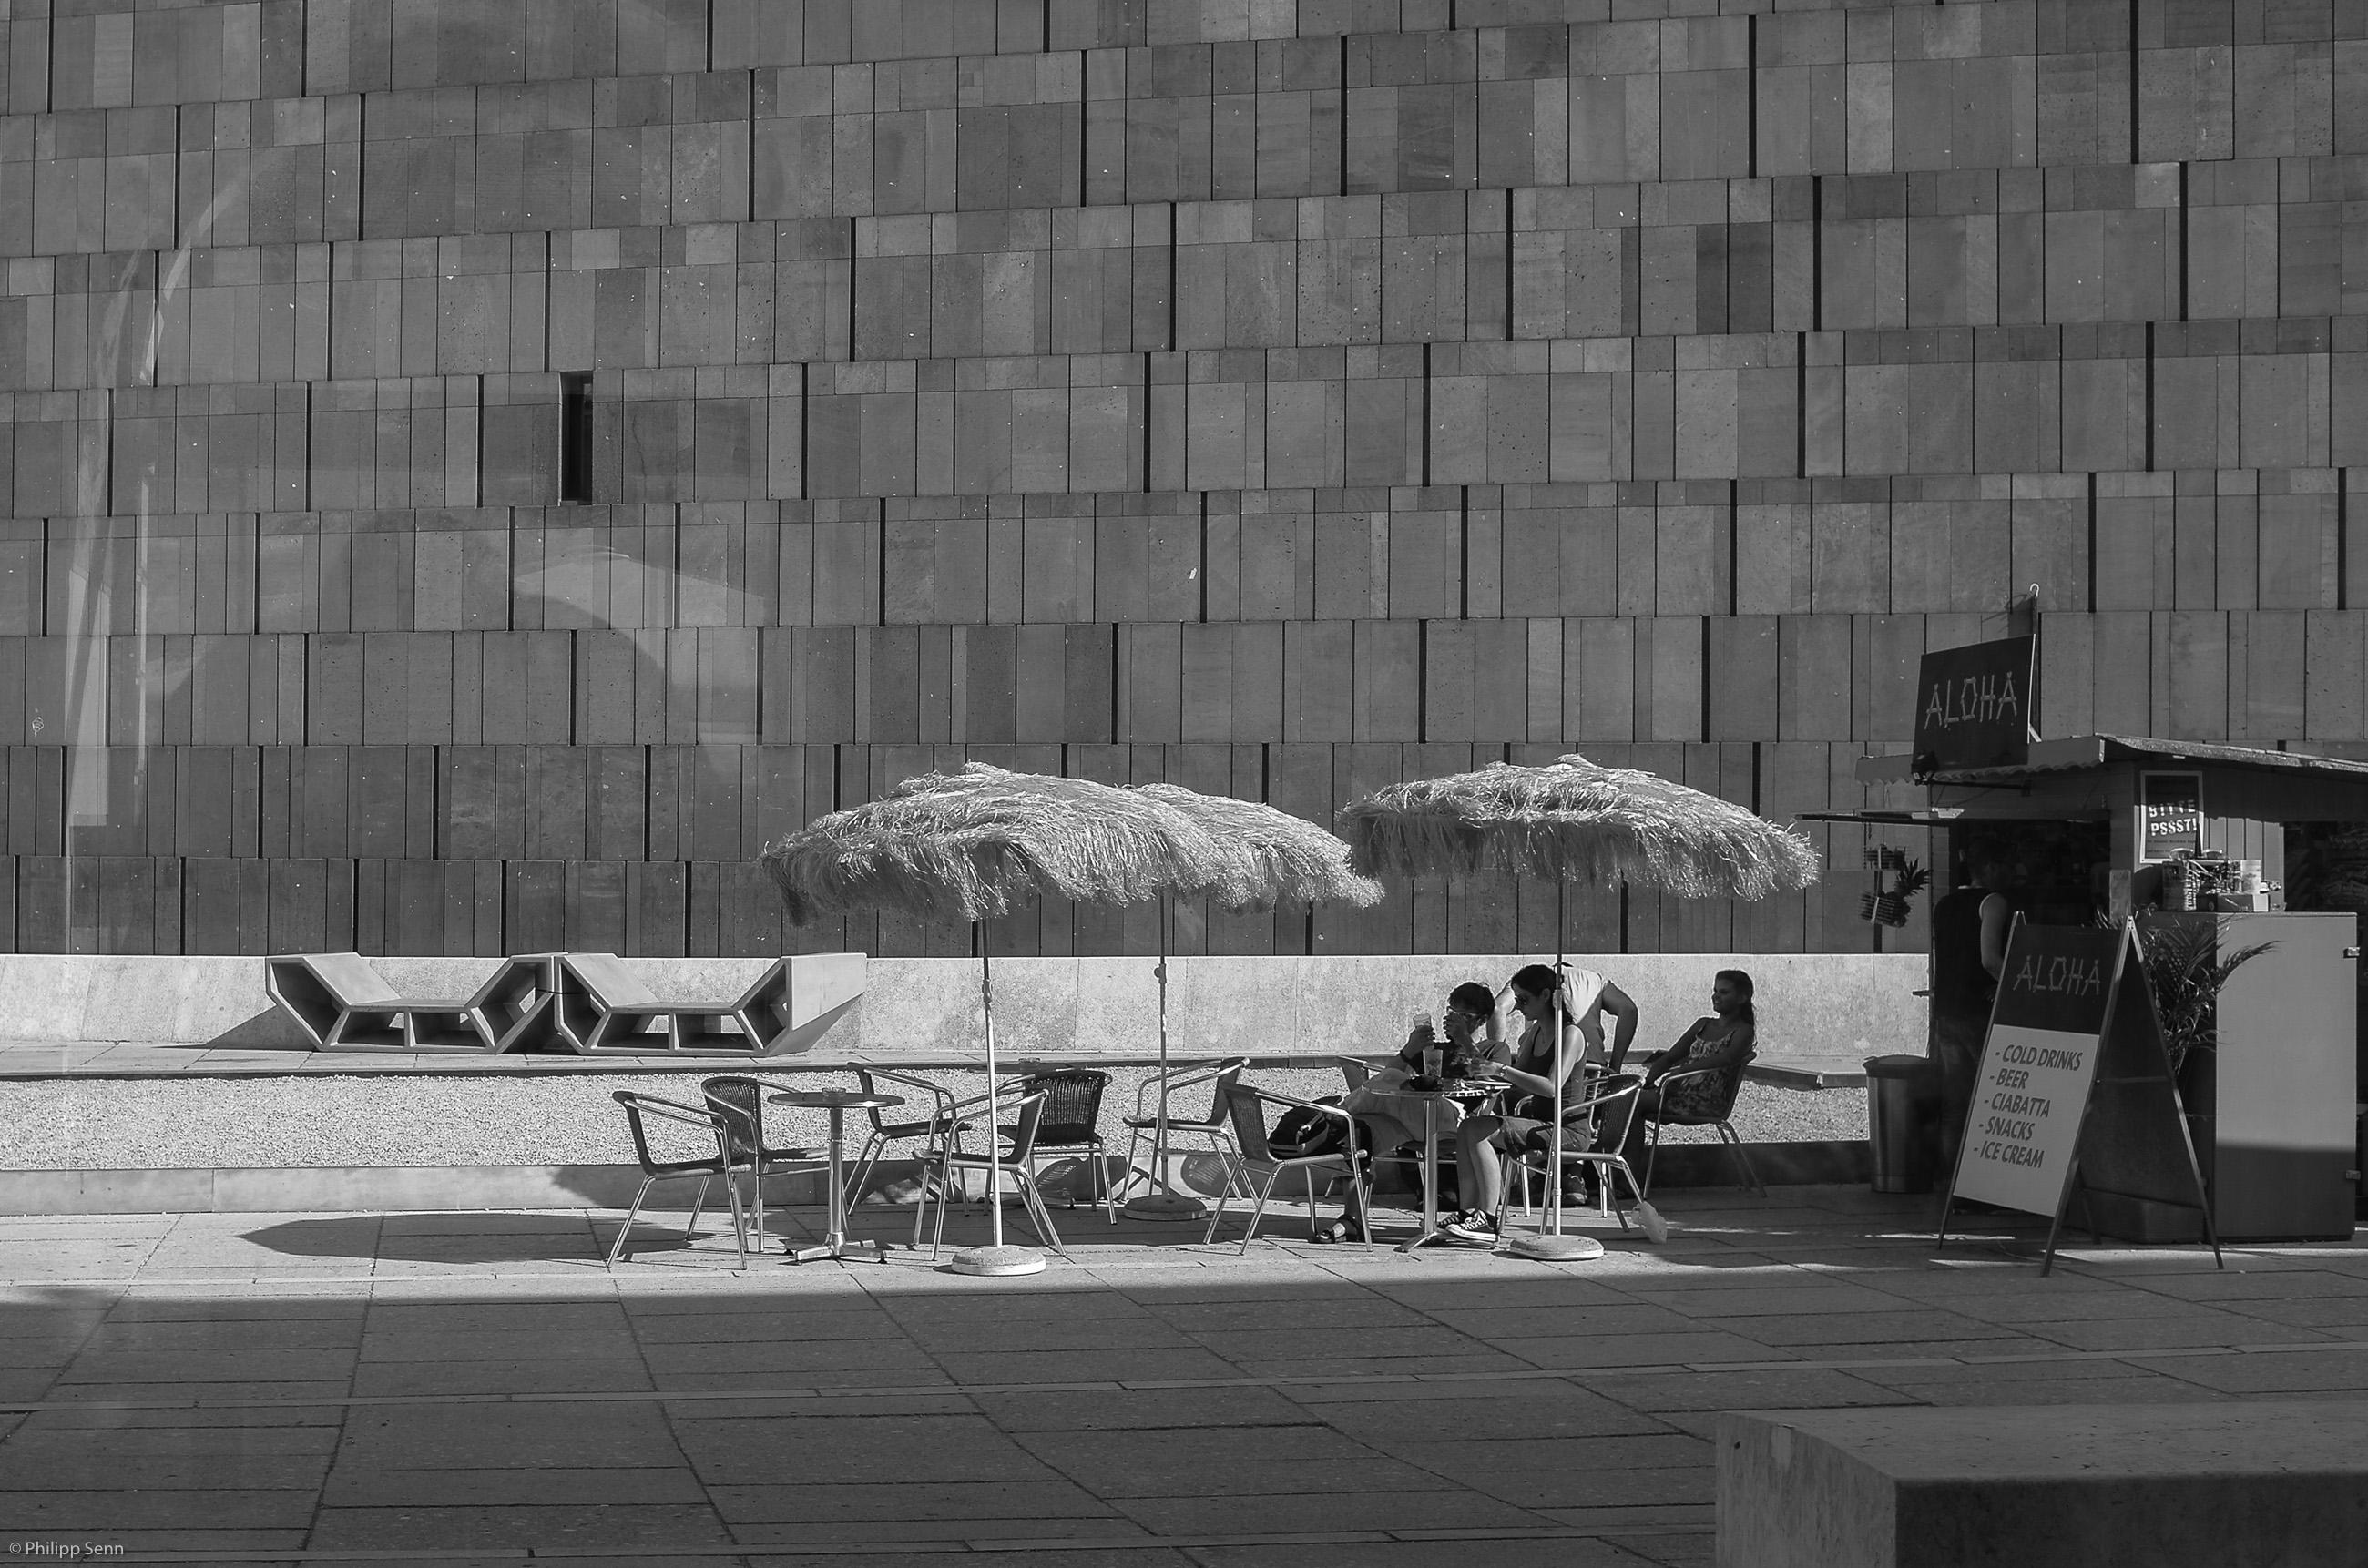 © Philipp Senn. 2012. Wien. 29 Grad. Hawaii im Museumsquartier.